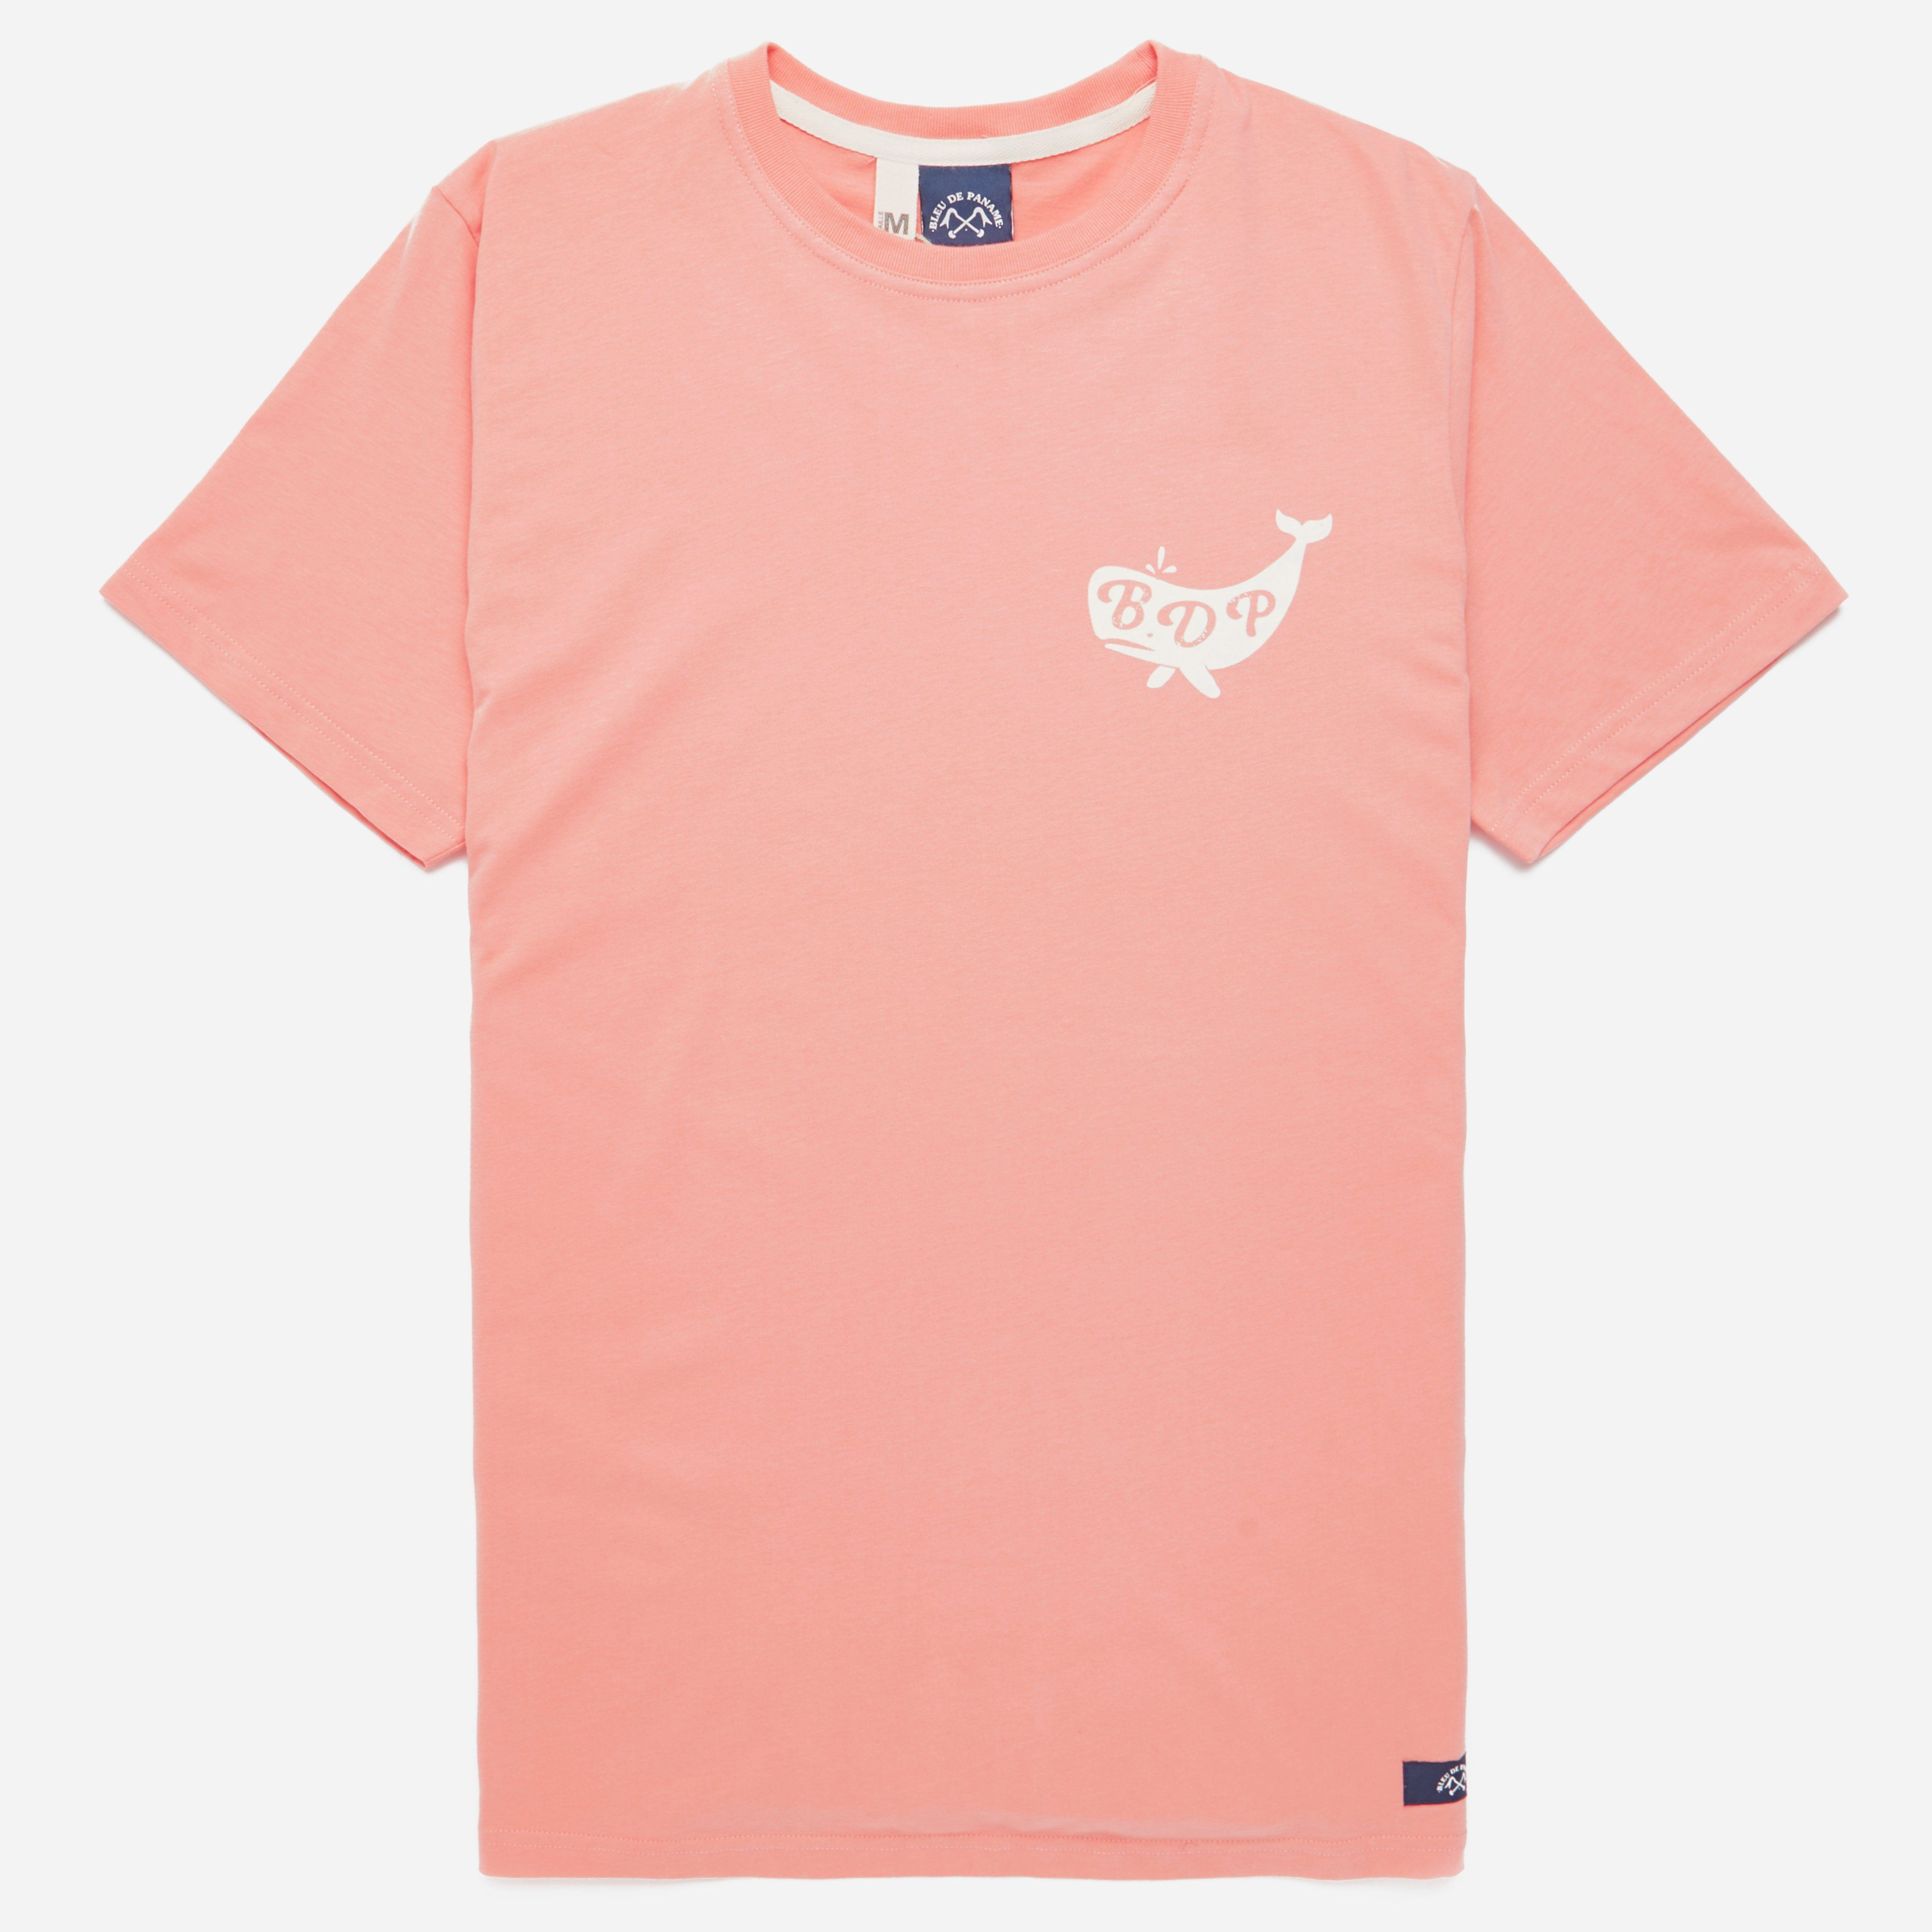 Bleu De Paname Whale Logo Tee